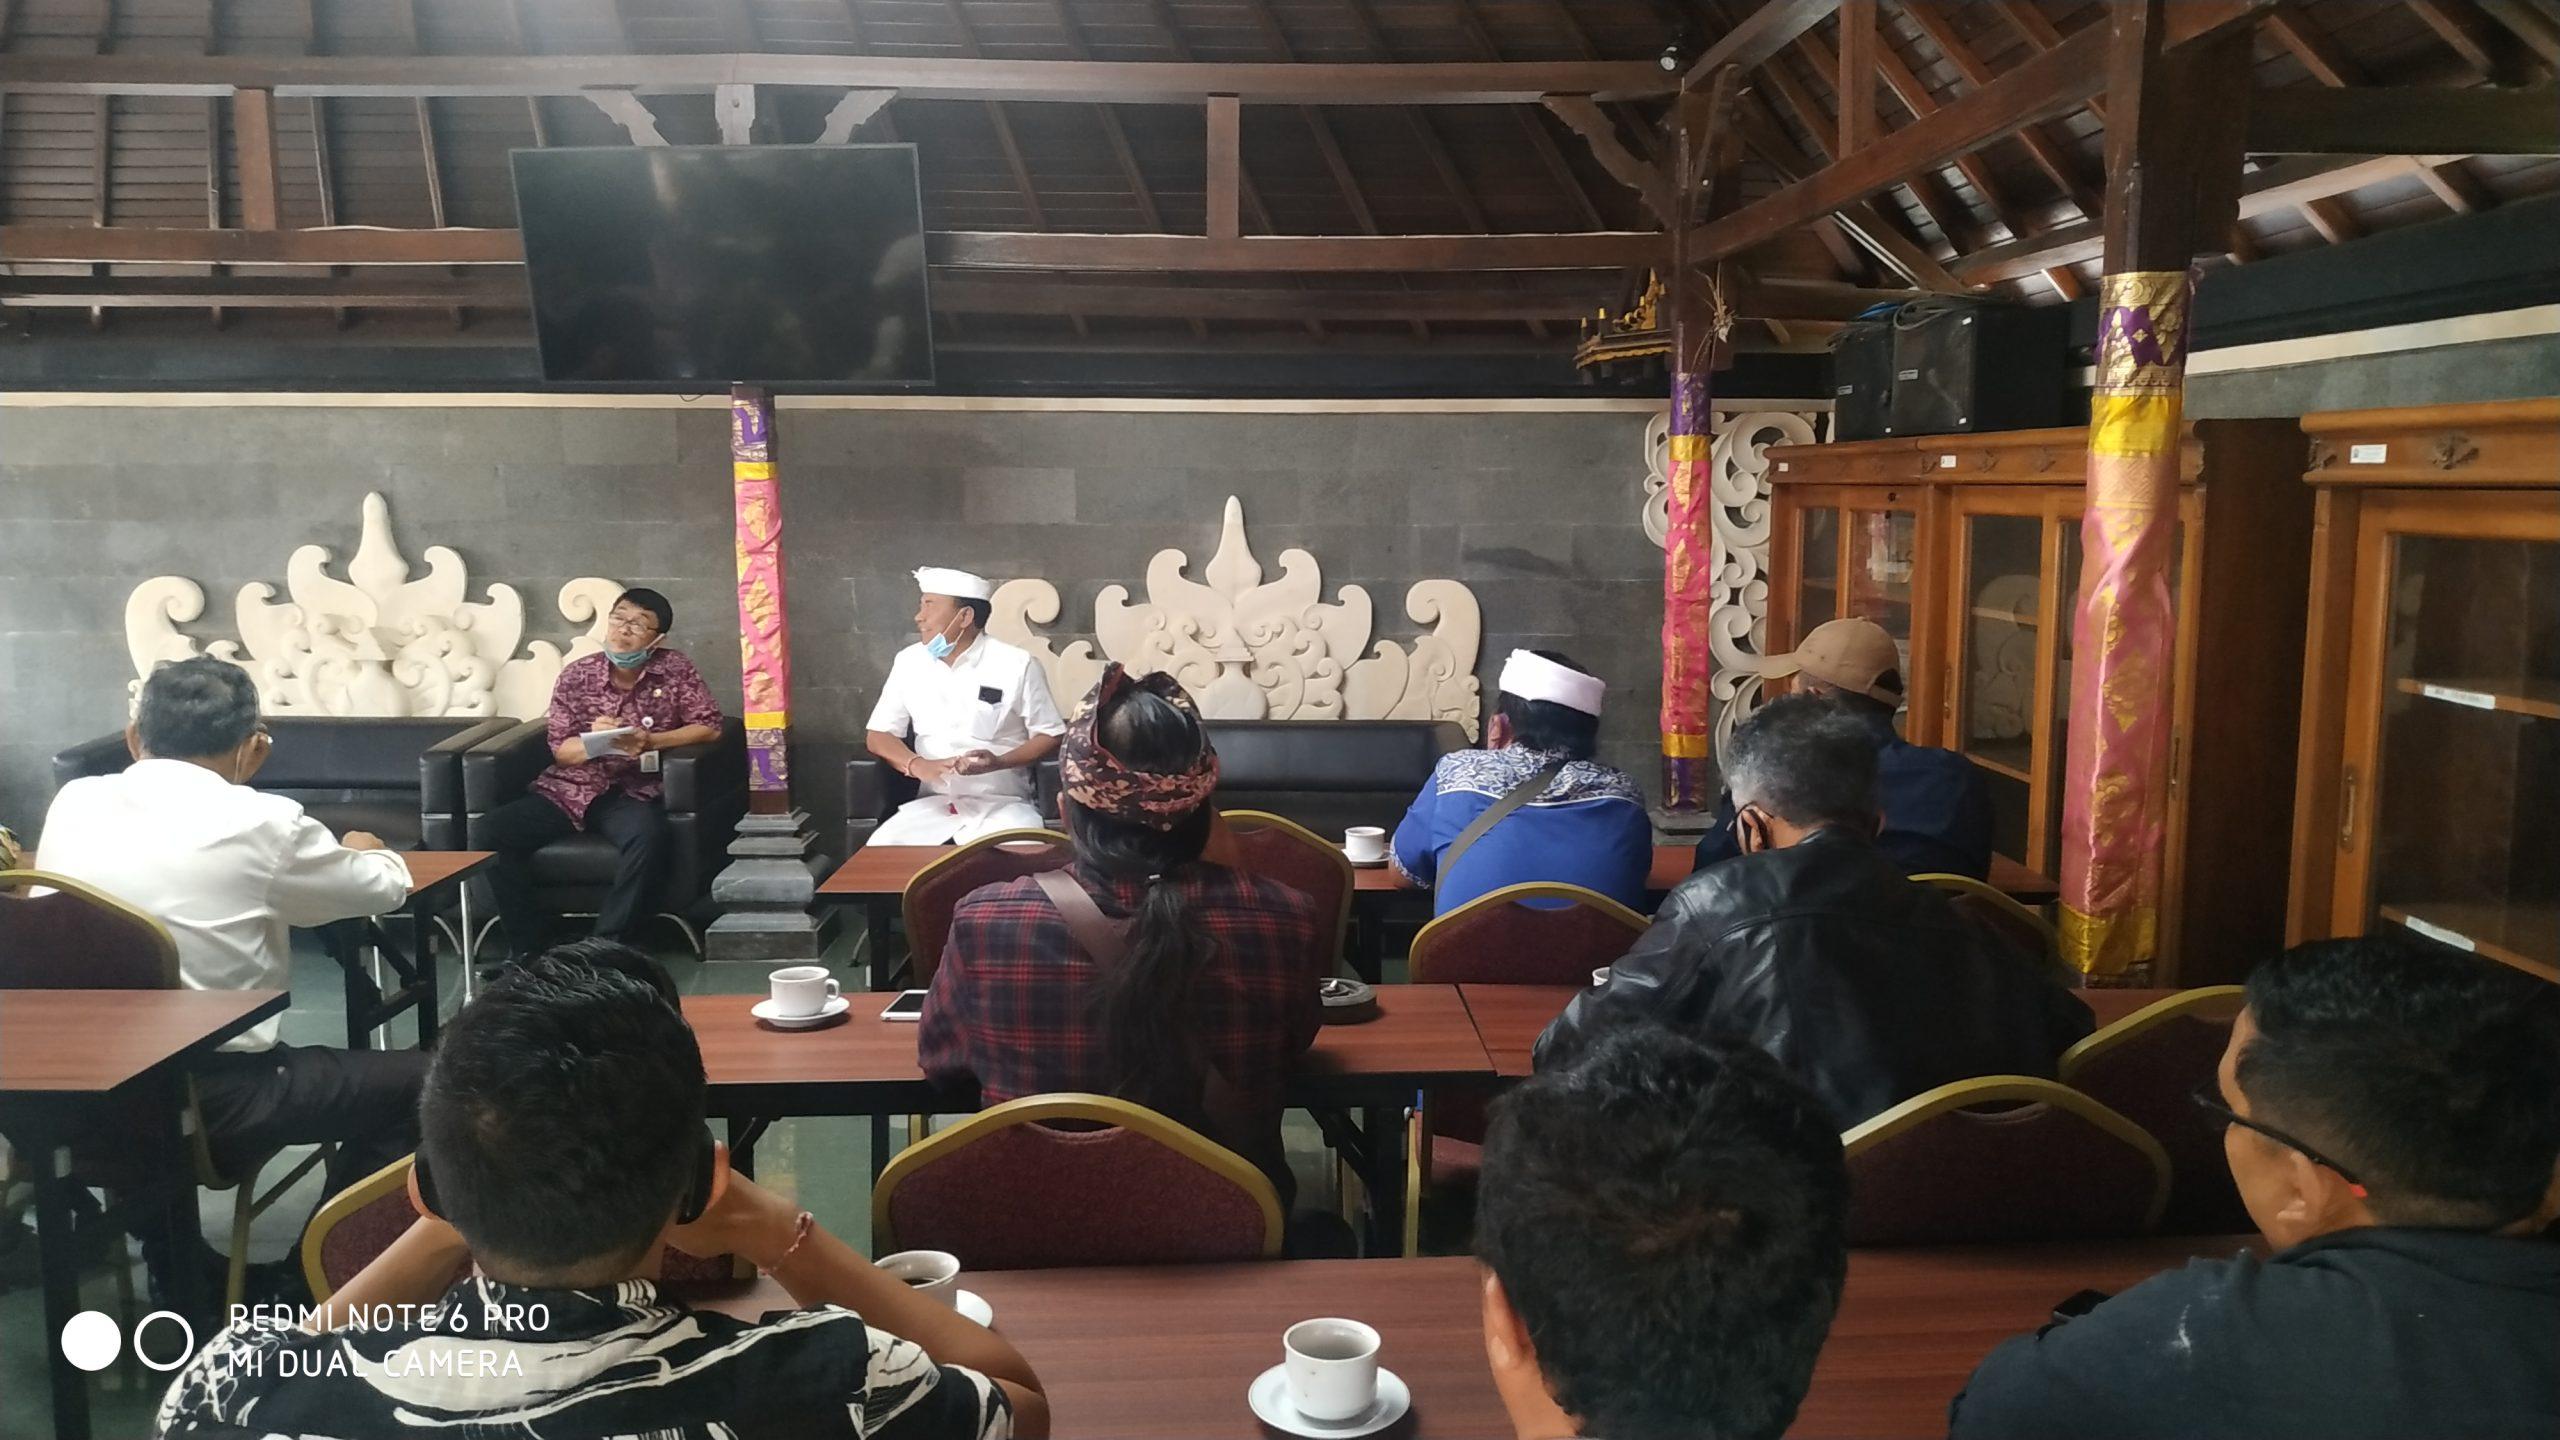 Foto: MENGADU PHRI bersama Asosiasi Kopi Kintamani dan puluhan pedagang kuliner mengadukan Berkurangnya kunjungan wisatawan ke objek wisata Kintamani ke Bupati Bangli, Made Gianyar, Selasa (1/9). Foto: gia